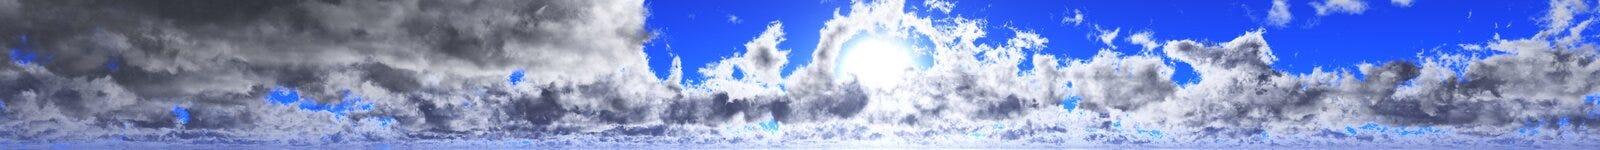 Panorama der Wolken und der Sonne, das Licht im Himmel, die Sonne in den Wolken Lizenzfreie Stockbilder